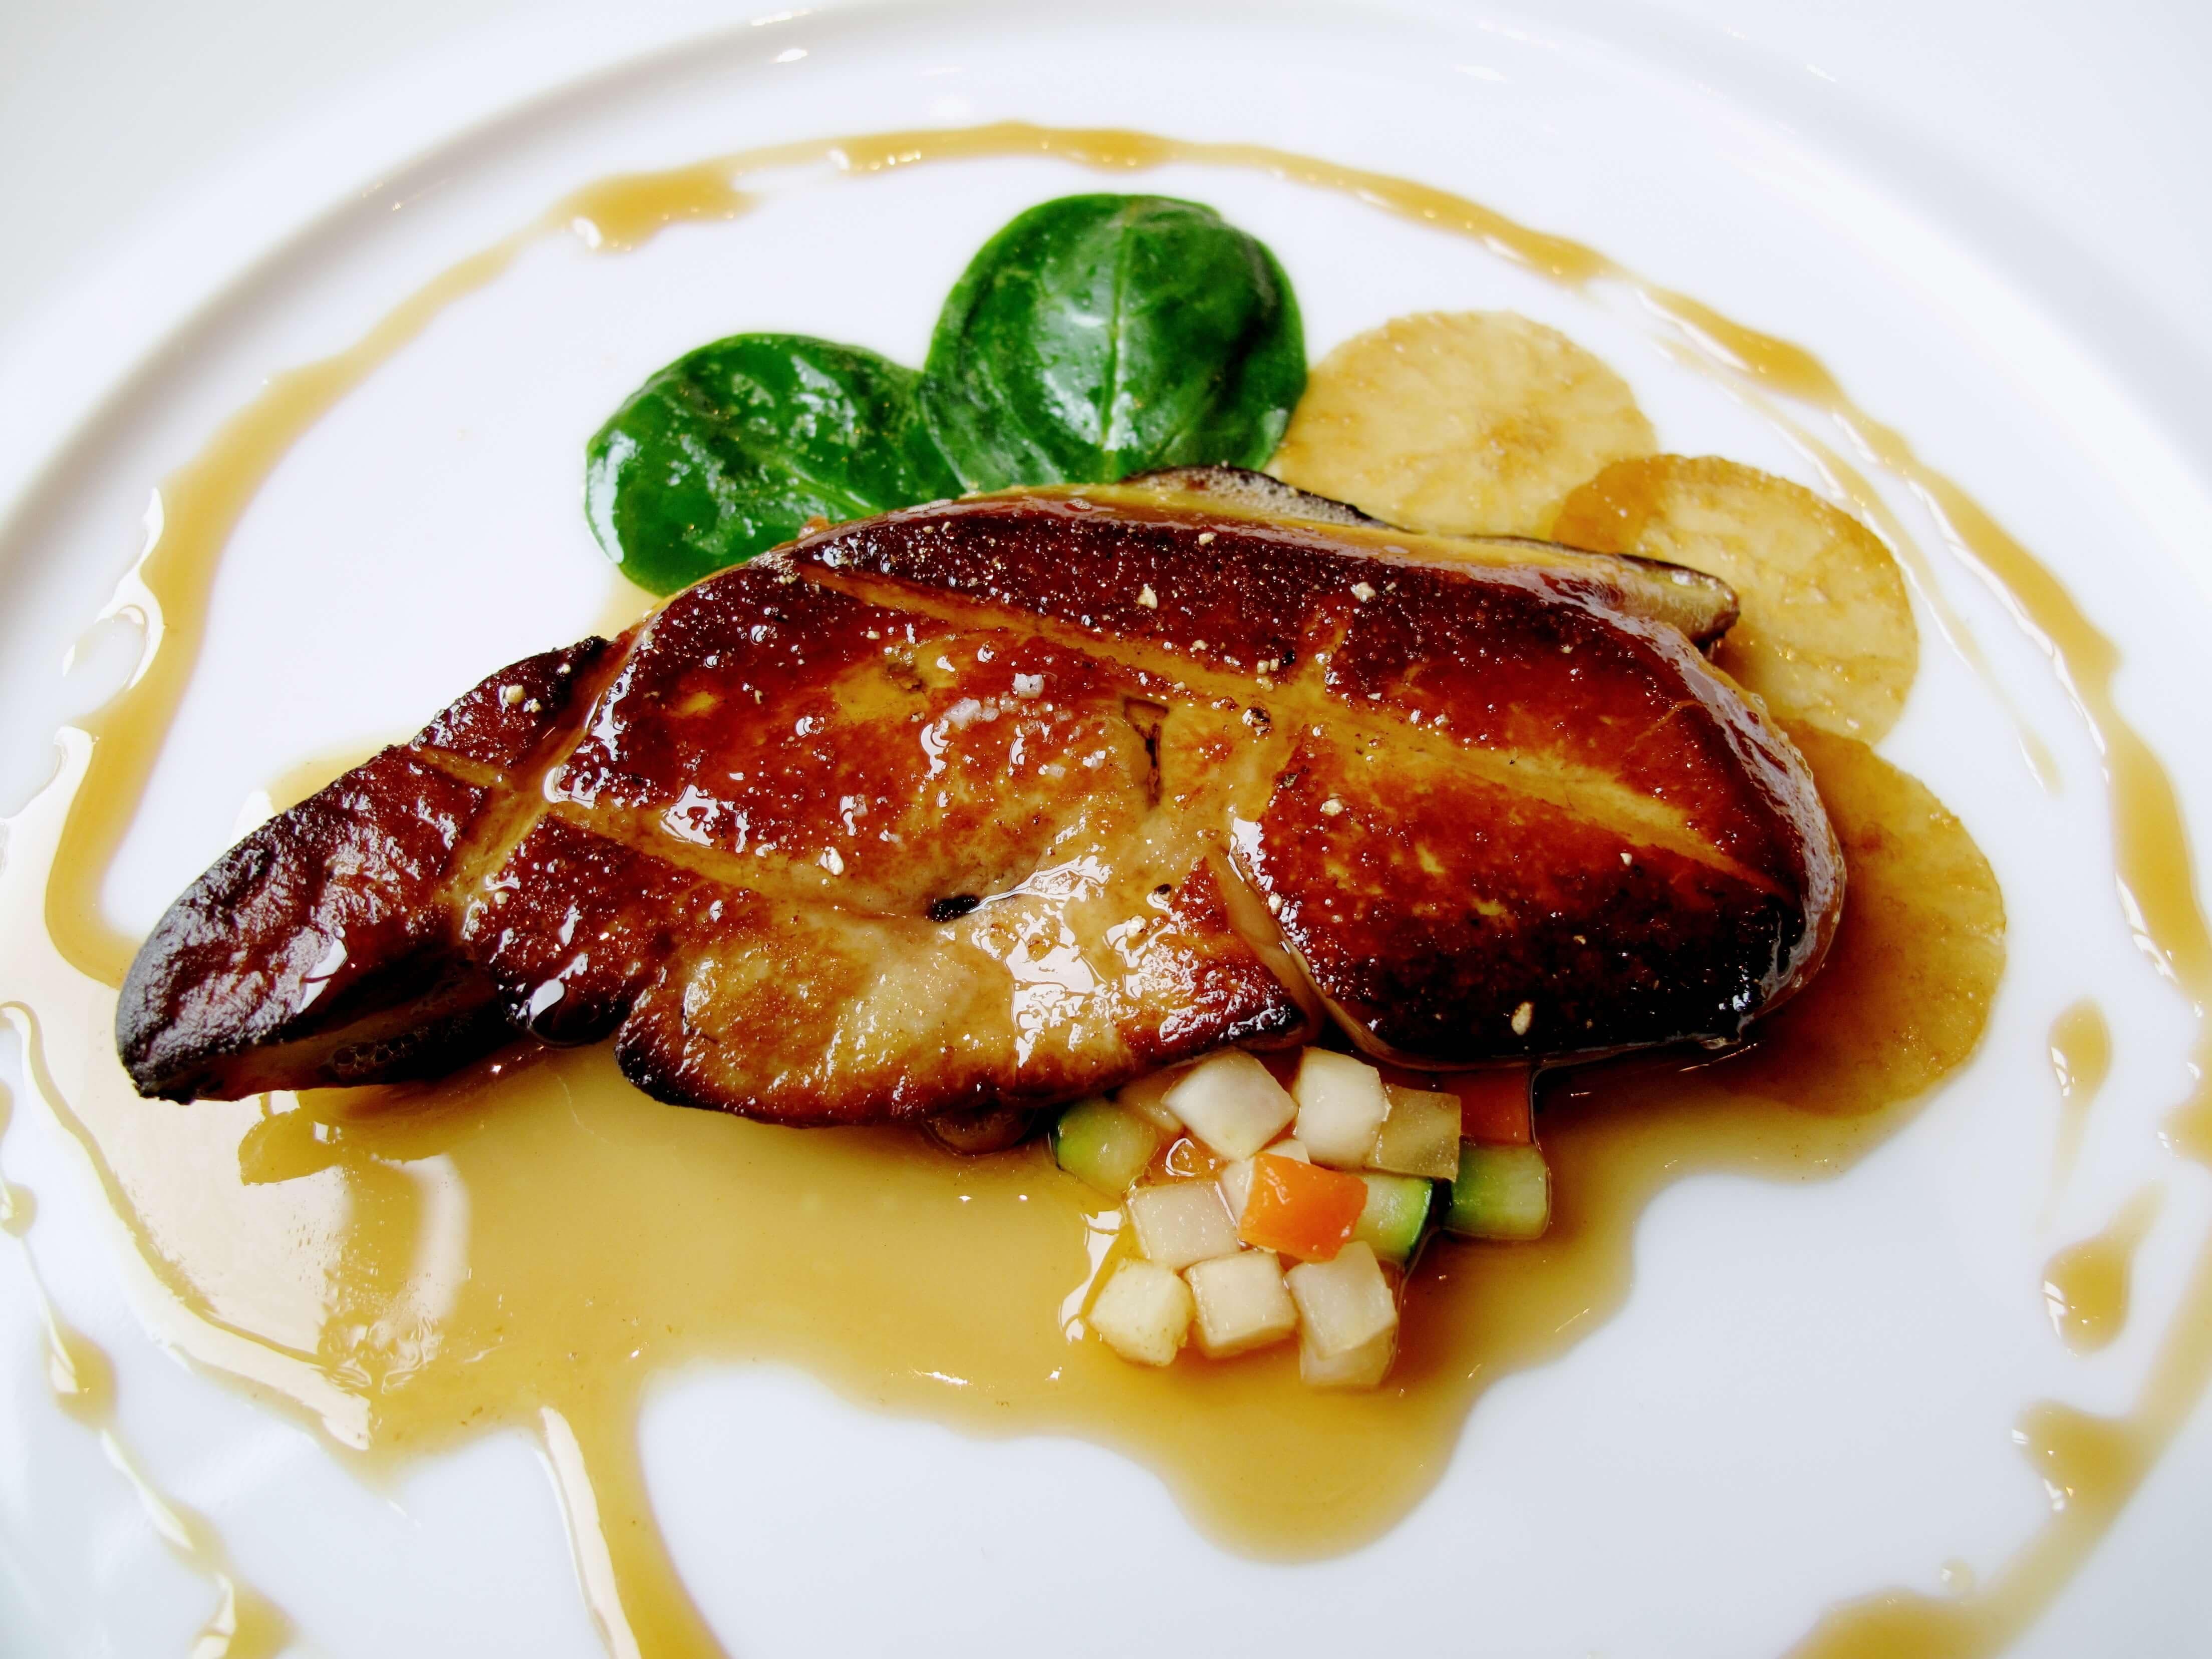 Gastronomia francesa 10 pratos t picos imperd veis vem for Comida francesa tipica